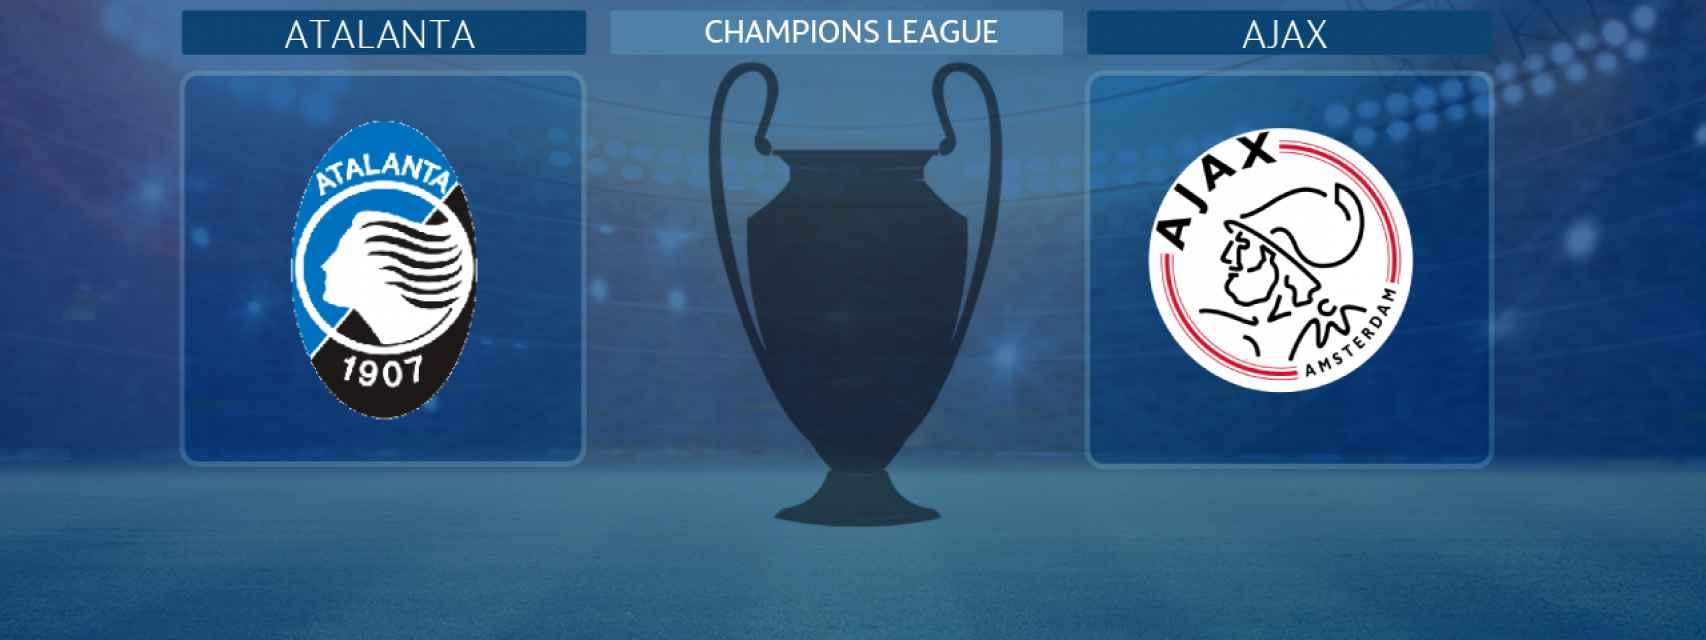 Atalanta - Ajax, partido de la Champions League